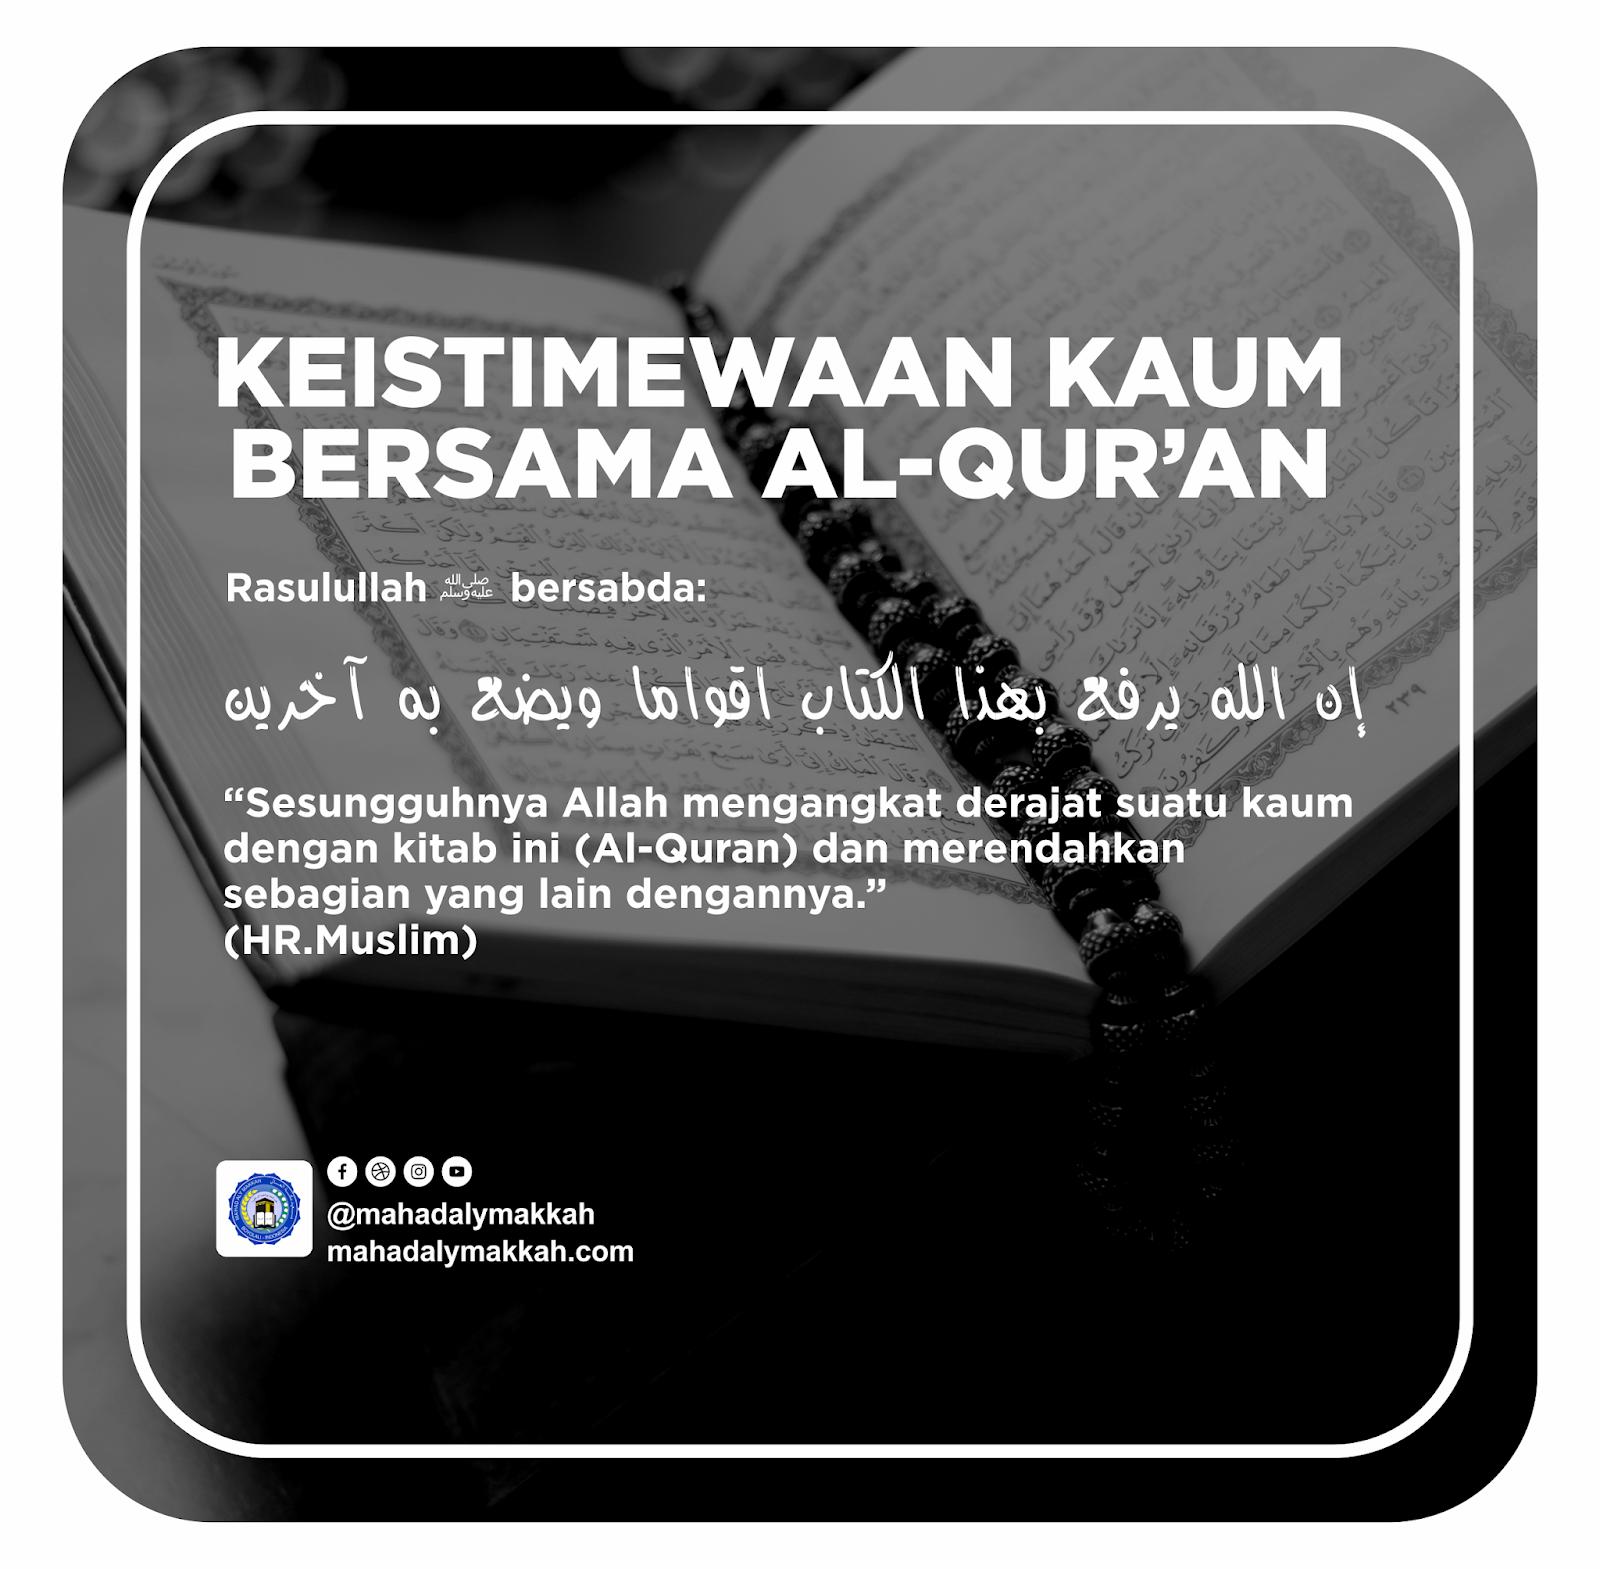 Keutamaan Suatu Kaum Bersama Al Quran